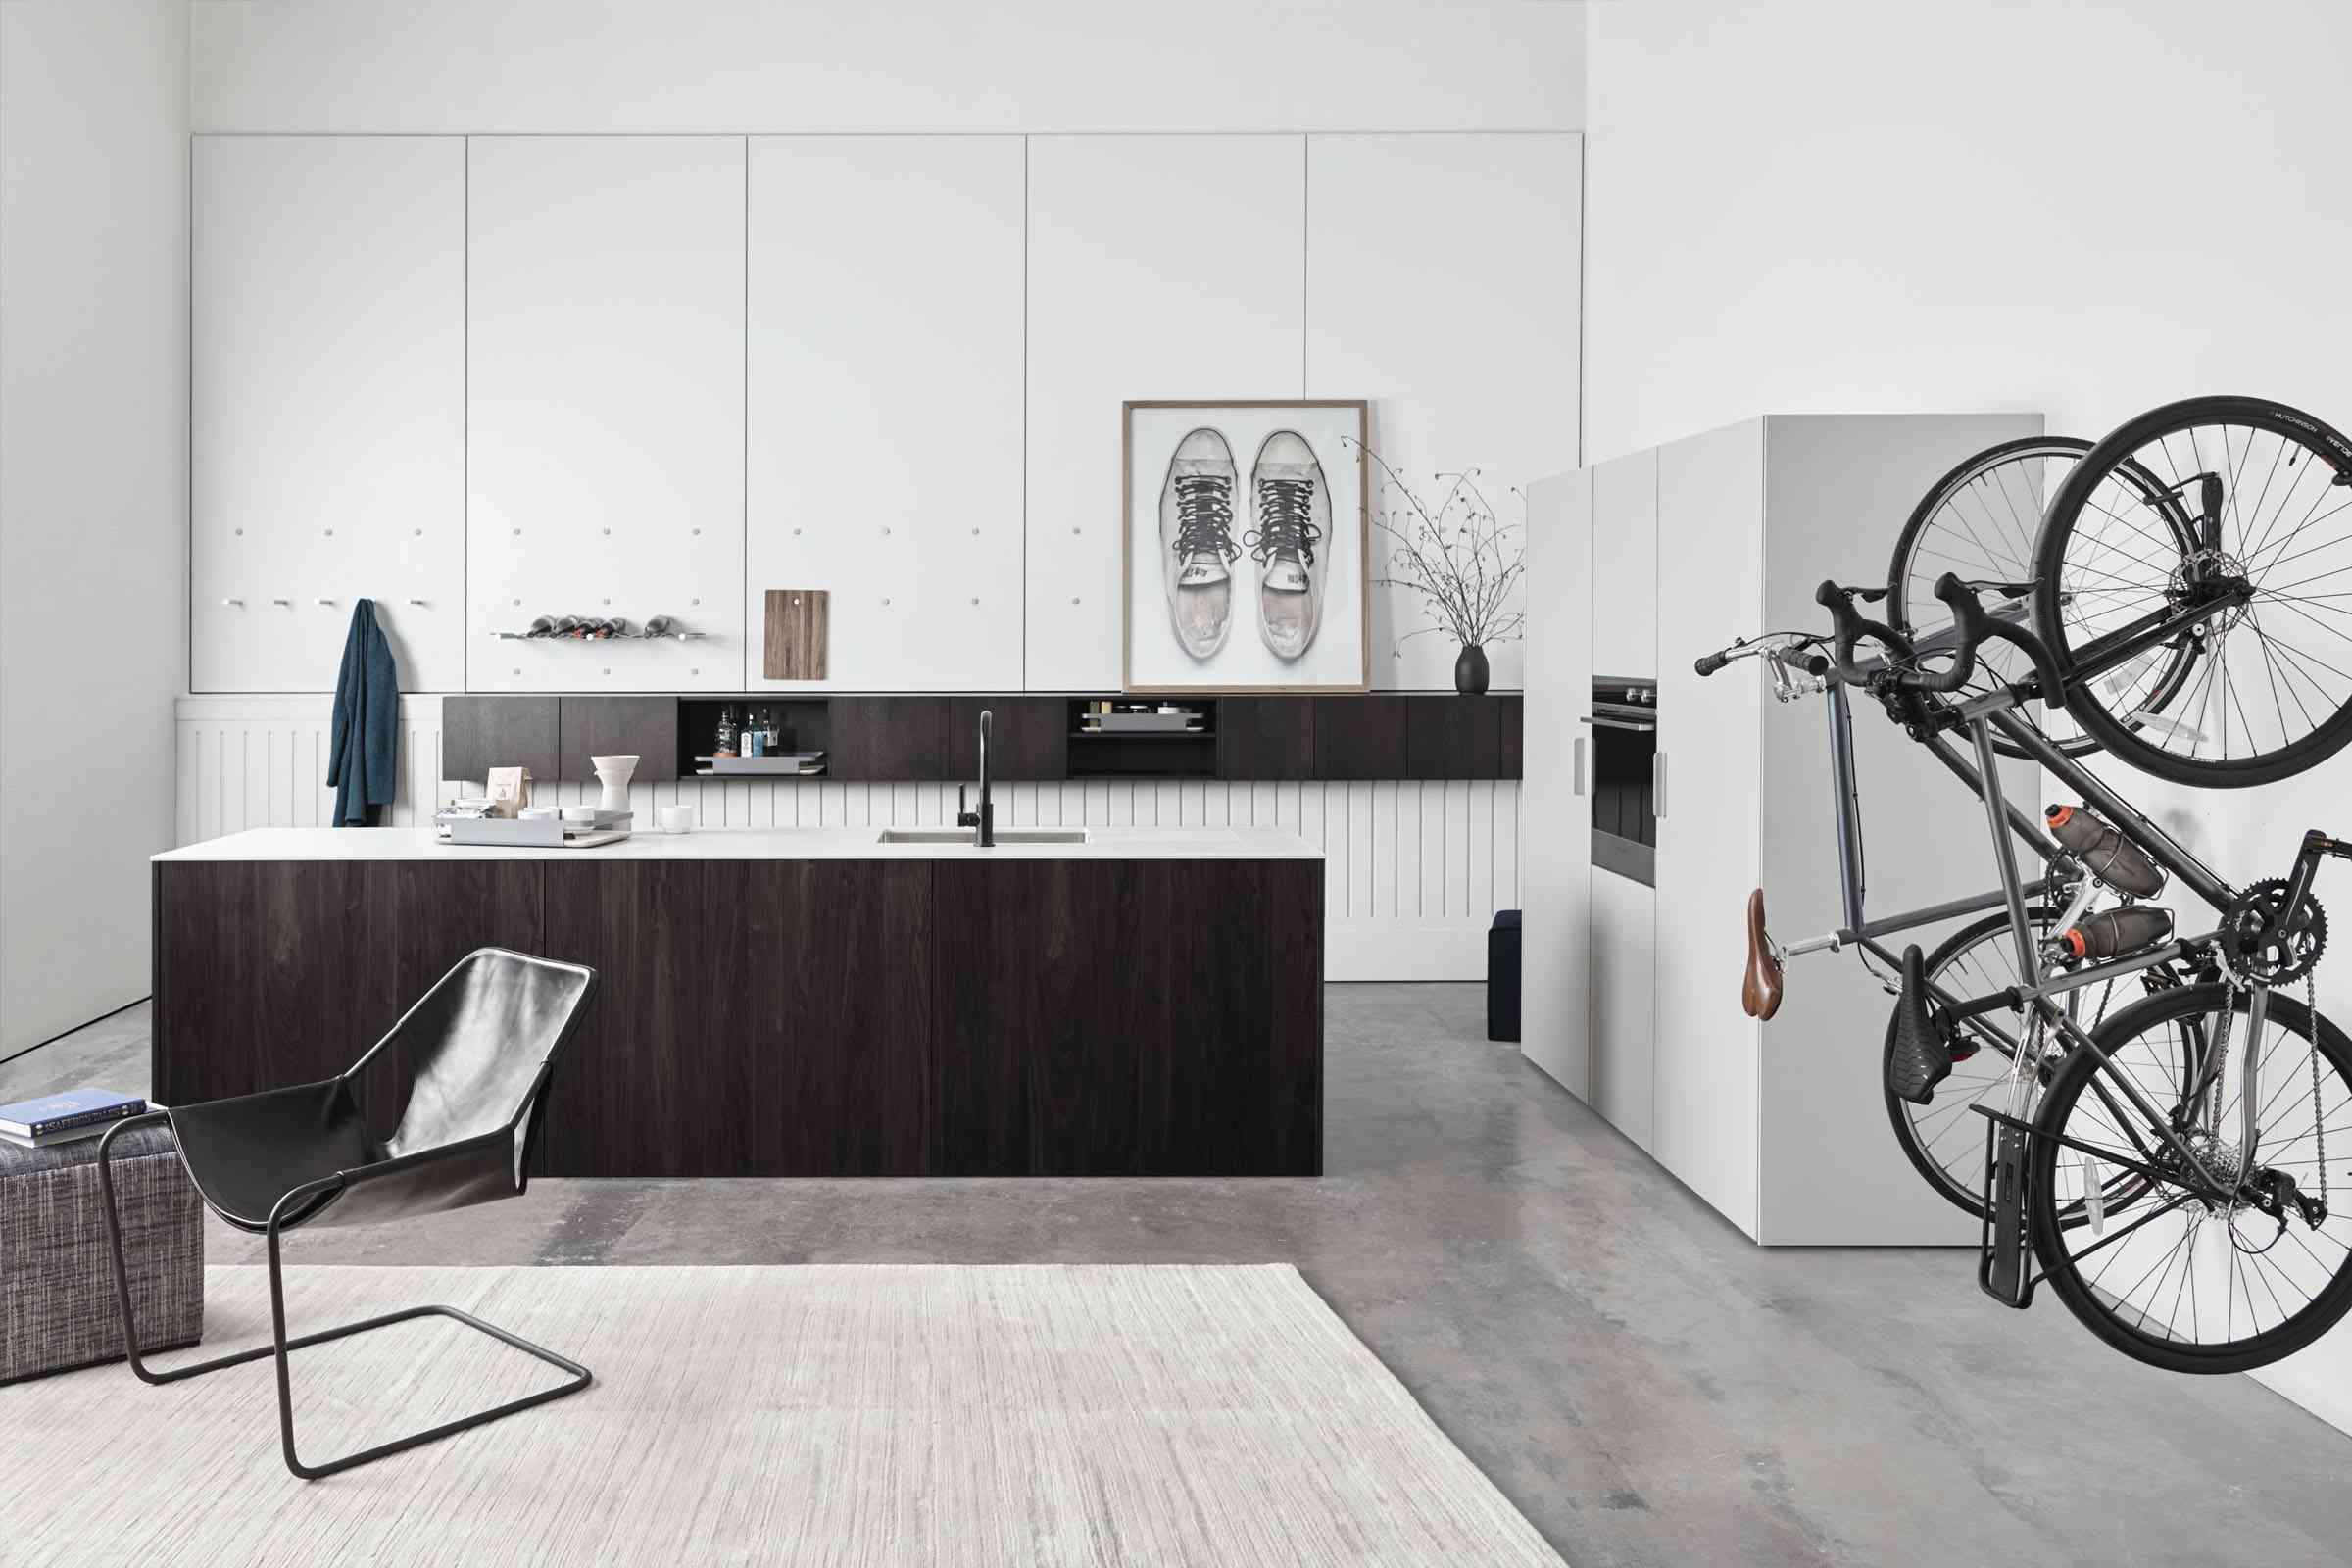 Cocina moderna blanca y marrón con portabicicletas